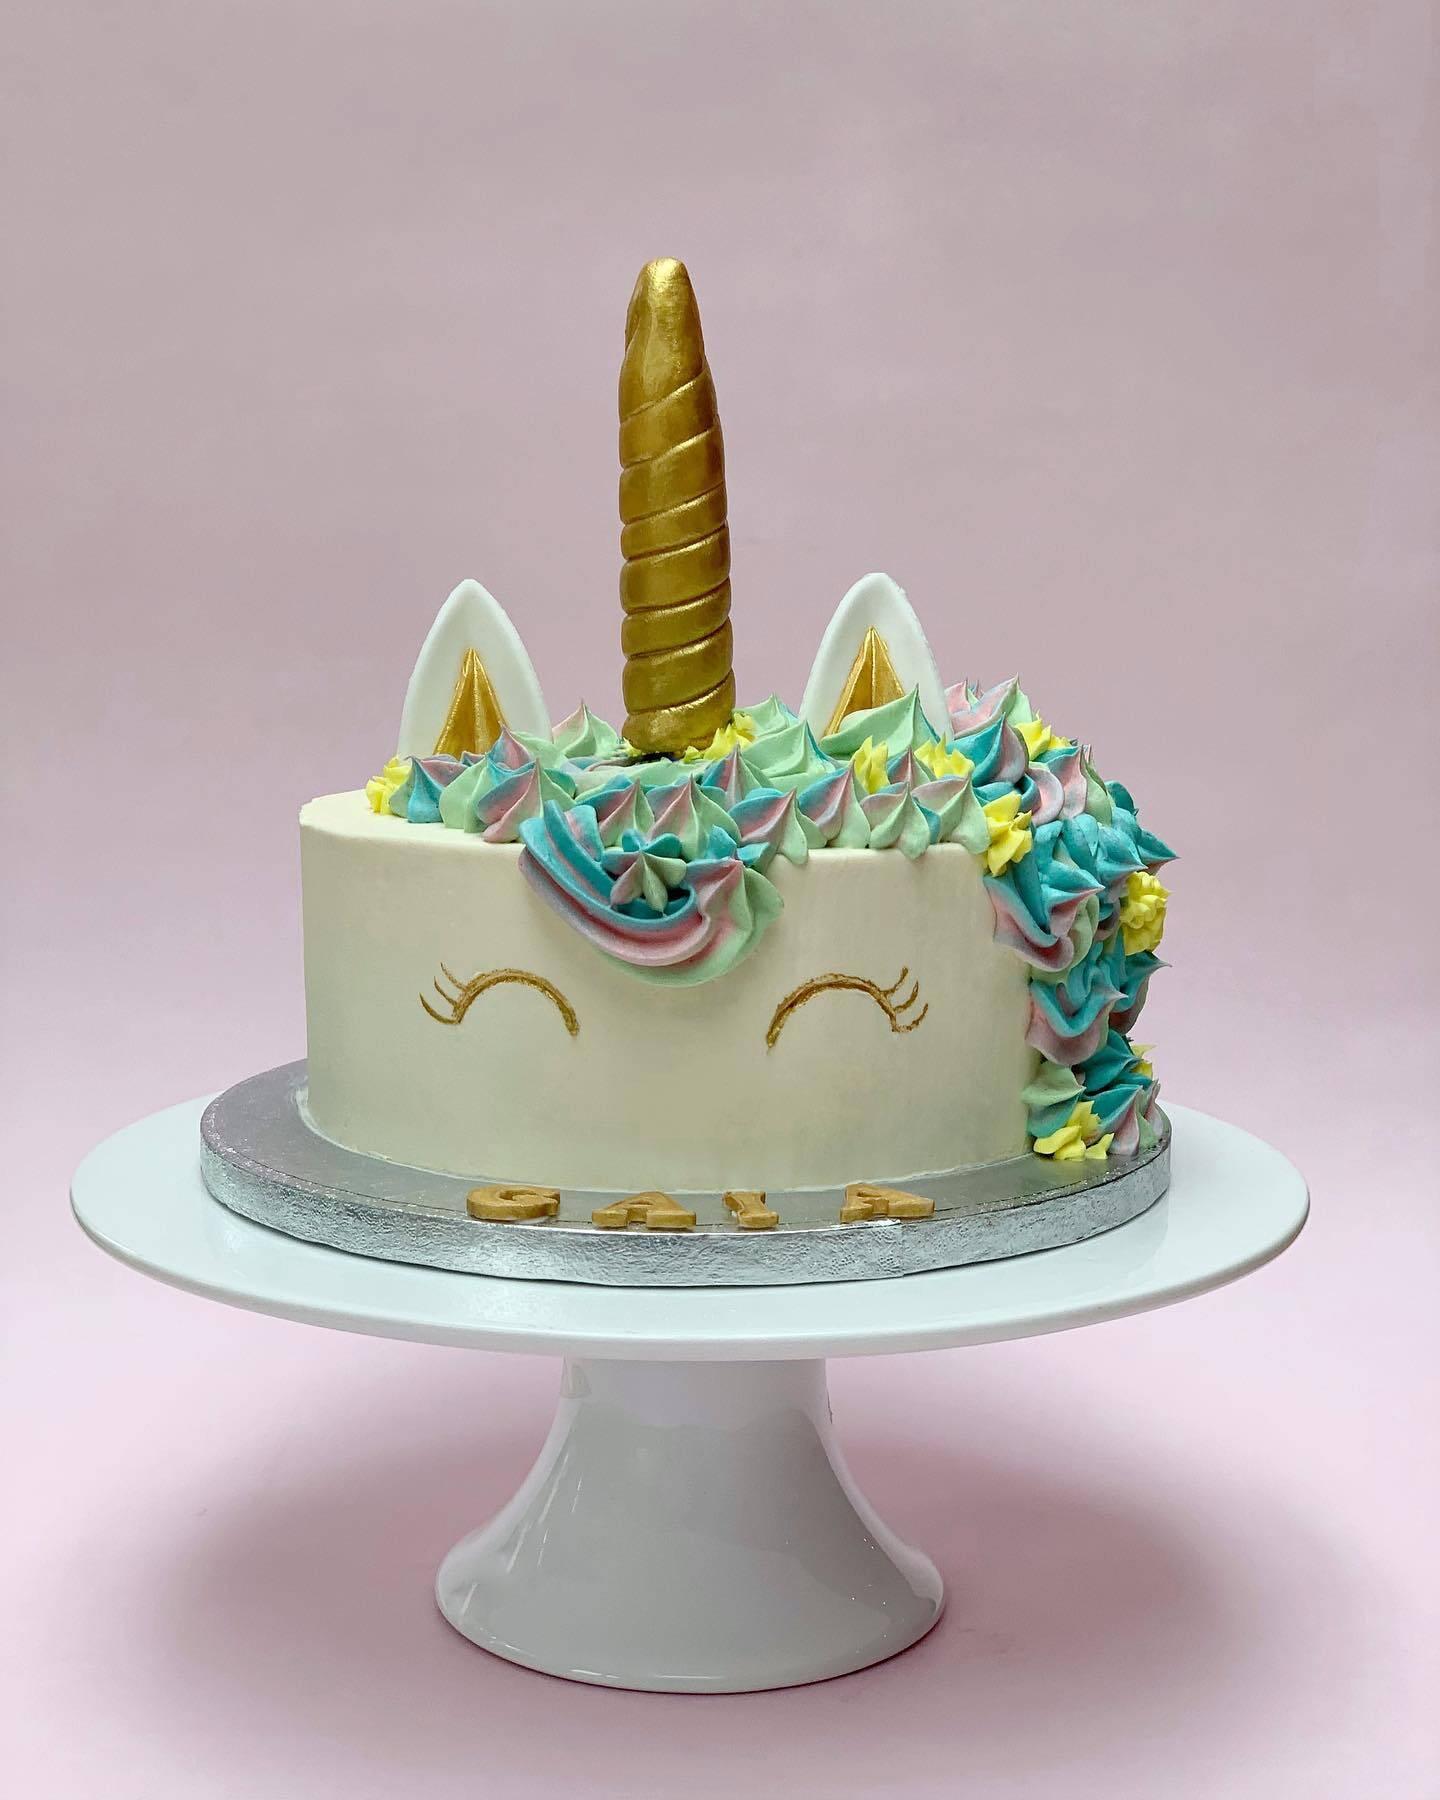 Unicorn Cake Simple and Stylish